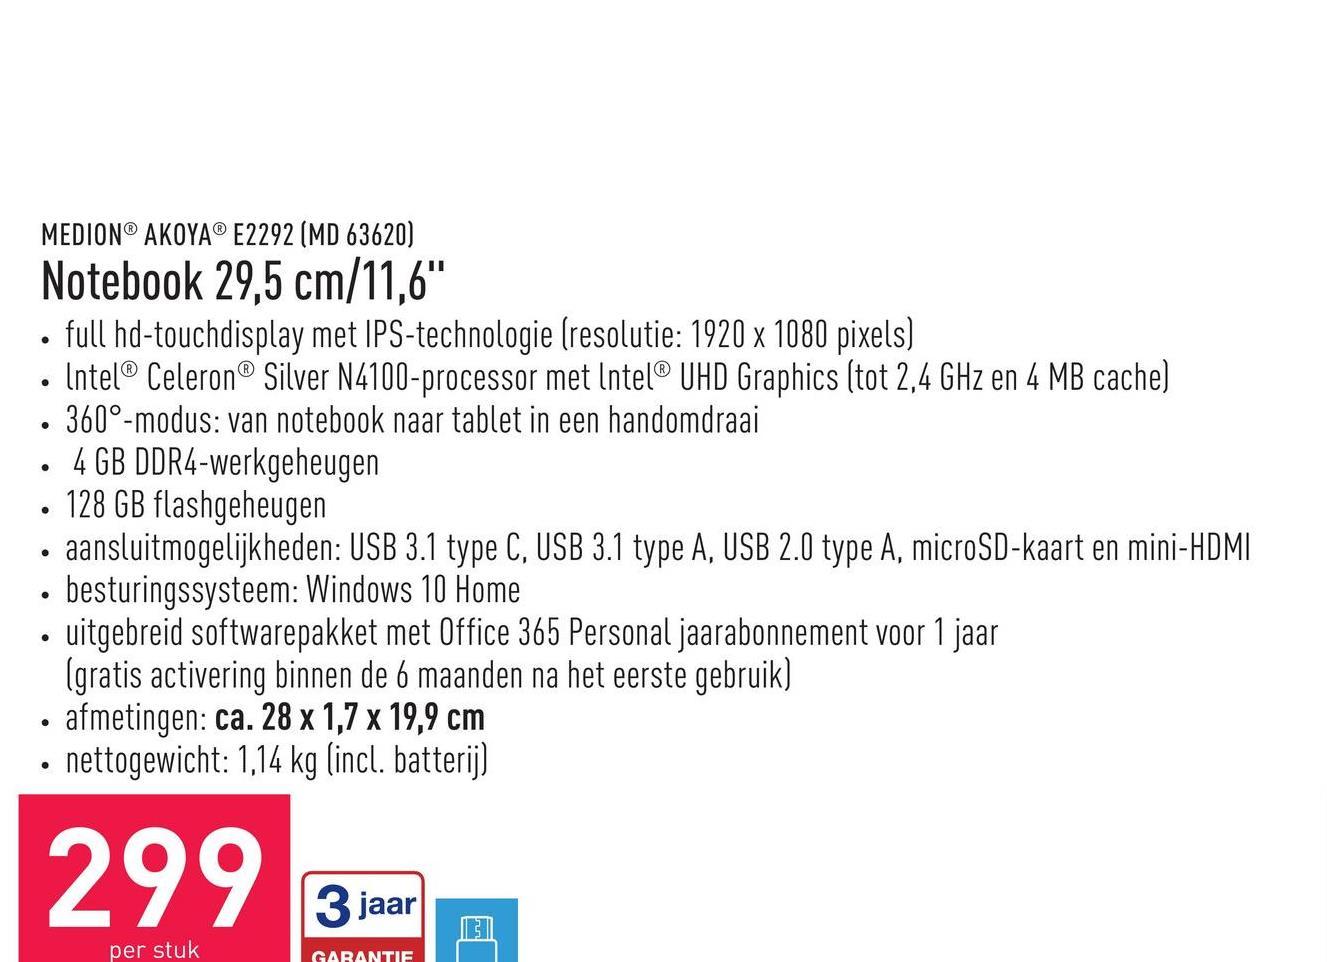 """Notebook 29,5 cm/11,6"""" full hd-touchdisplay met IPS-technologie (resolutie: 1920 x 1080 pixels)lntel® Celeron® Silver N4100-processor met lntel® UHD Graphics (tot 2,4 GHz en 4 MB cache)360°-modus: van notebook naar tablet in een handomdraai4 GB DDR4-werkgeheugen128 GB flashgeheugenaansluitmogelijkheden: USB 3.1 type C, USB 3.1 type A, USB 2.0 type A, microSD-kaart en mini-HDMIbesturingssysteem: Windows 10 Homeuitgebreid softwarepakket met Office 365 Personal jaarabonnement voor 1 jaar (gratis activering binnen de 6 maanden na het eerste gebruik)afmetingen: ca. 28 x 1,7 x 19,9 cmnettogewicht: 1,14 kg (incl. batterij)"""